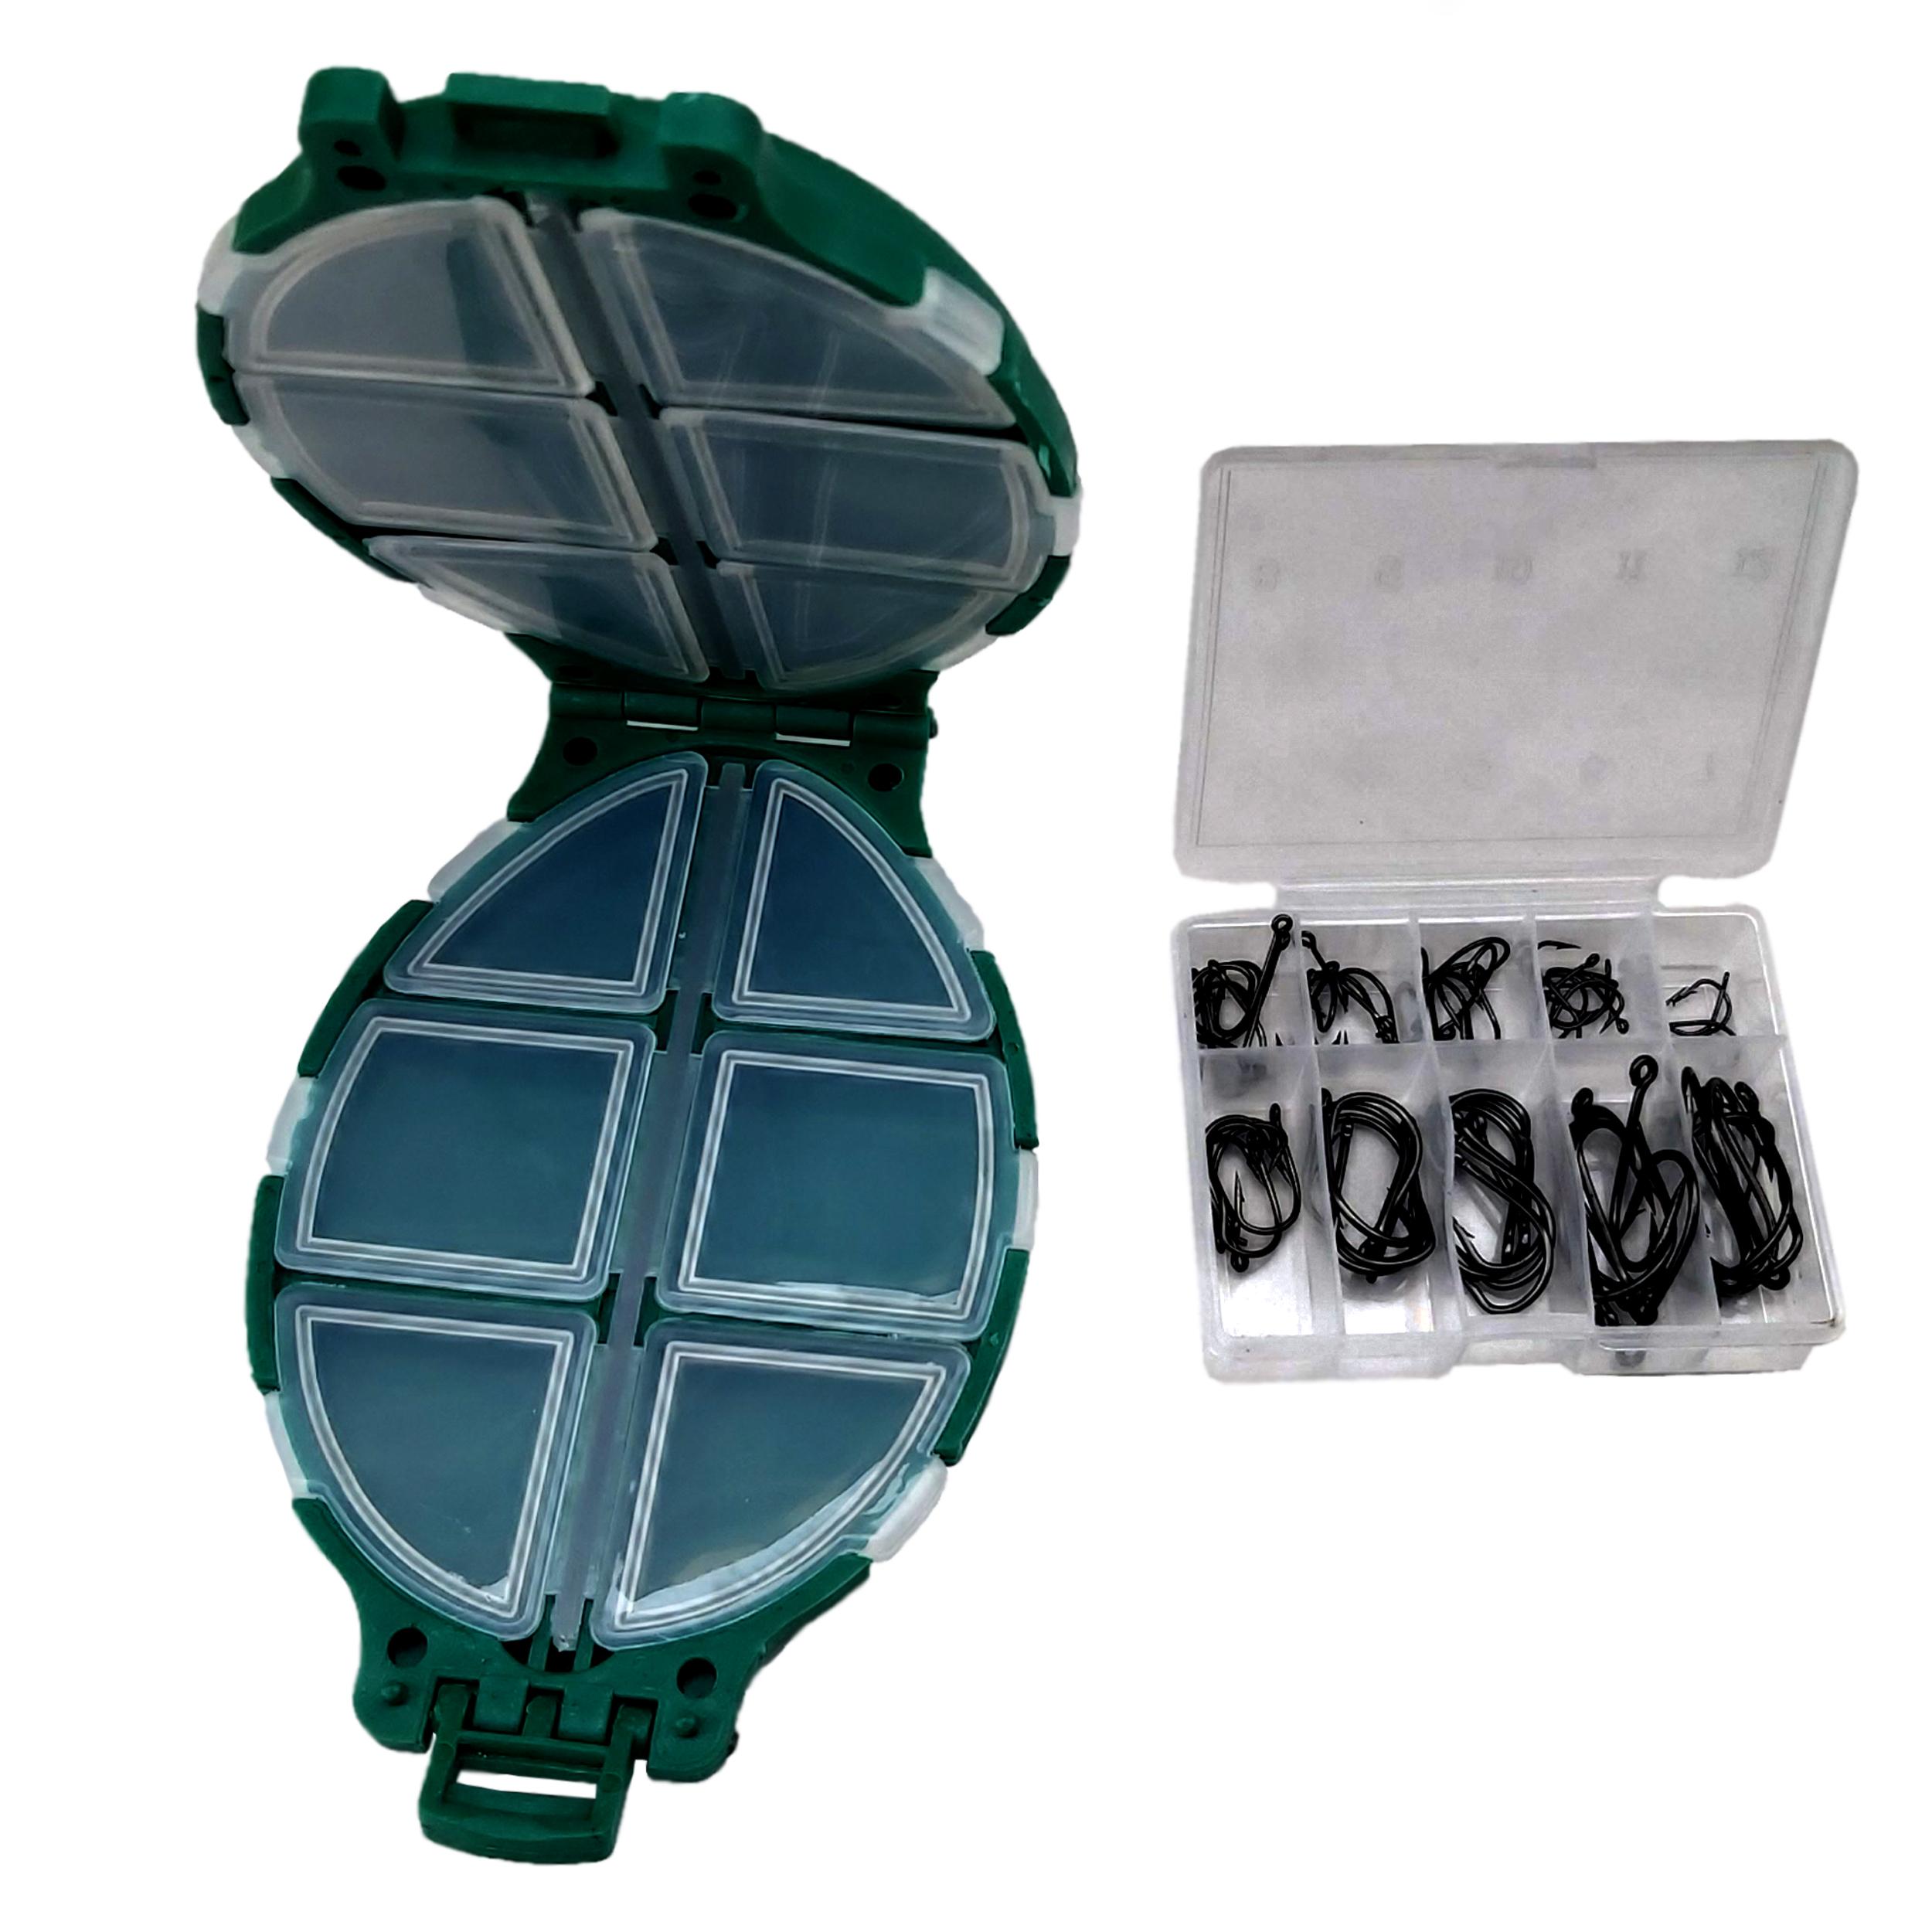 جعبه و قلاب ماهیگیری مدل HA-700 بسته 70 عددی